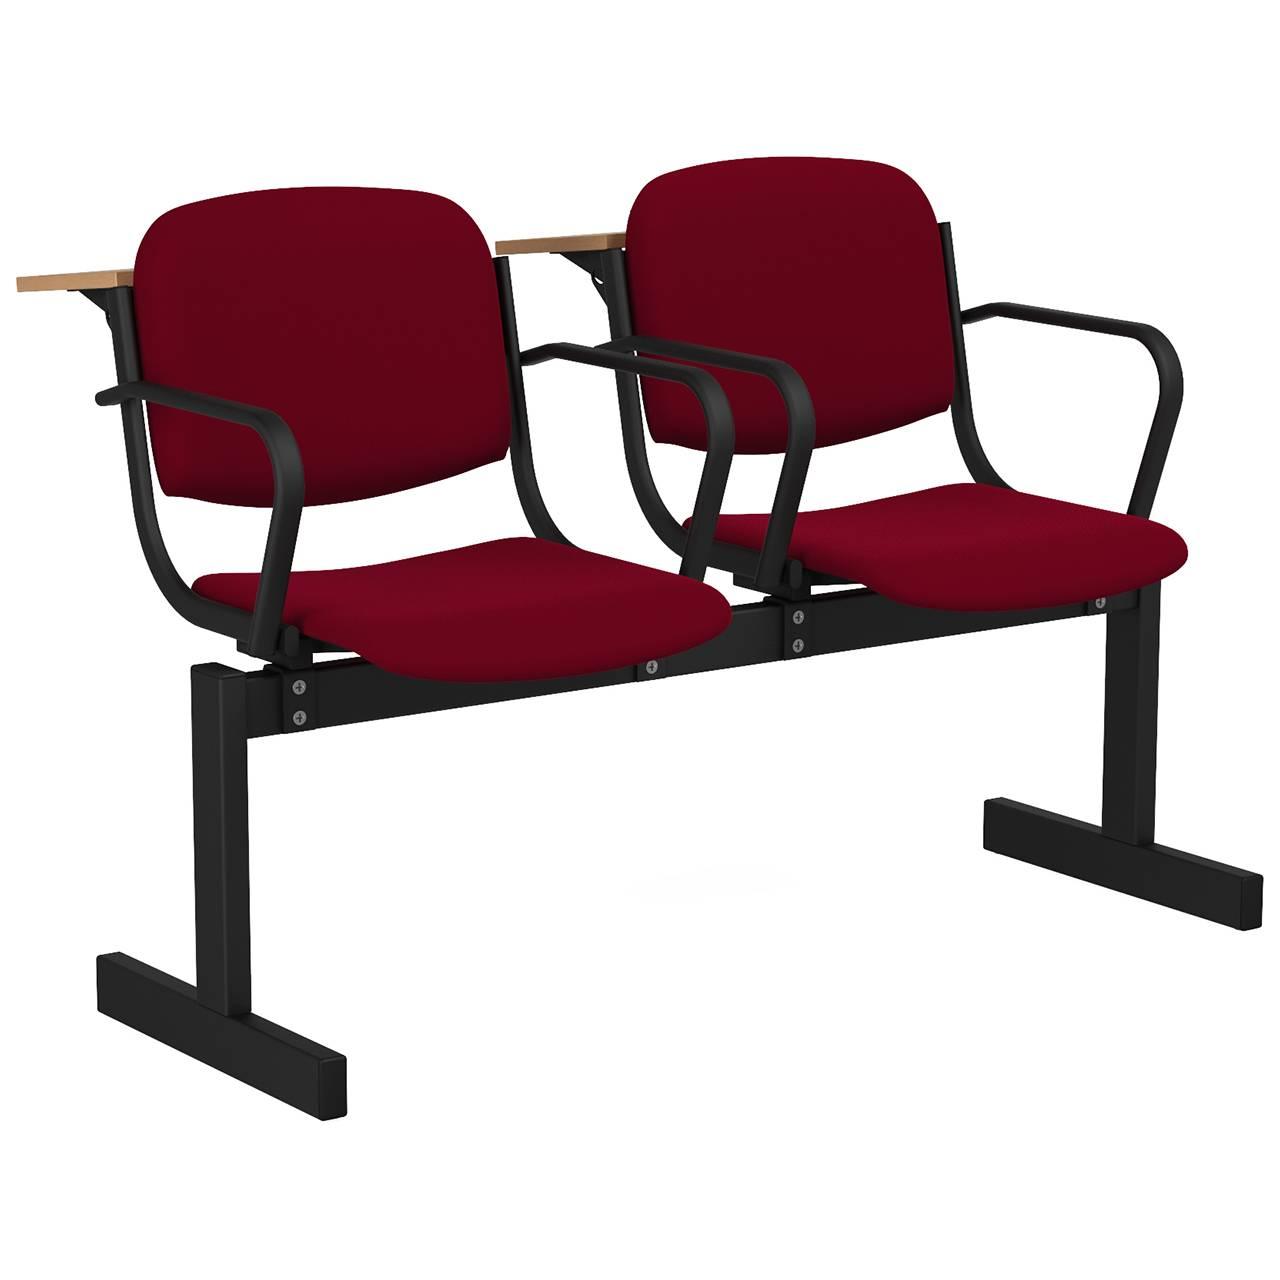 2-местный, не откидывающиеся сиденья, мягкий, подлокотники, лекционный черный бордо Флок